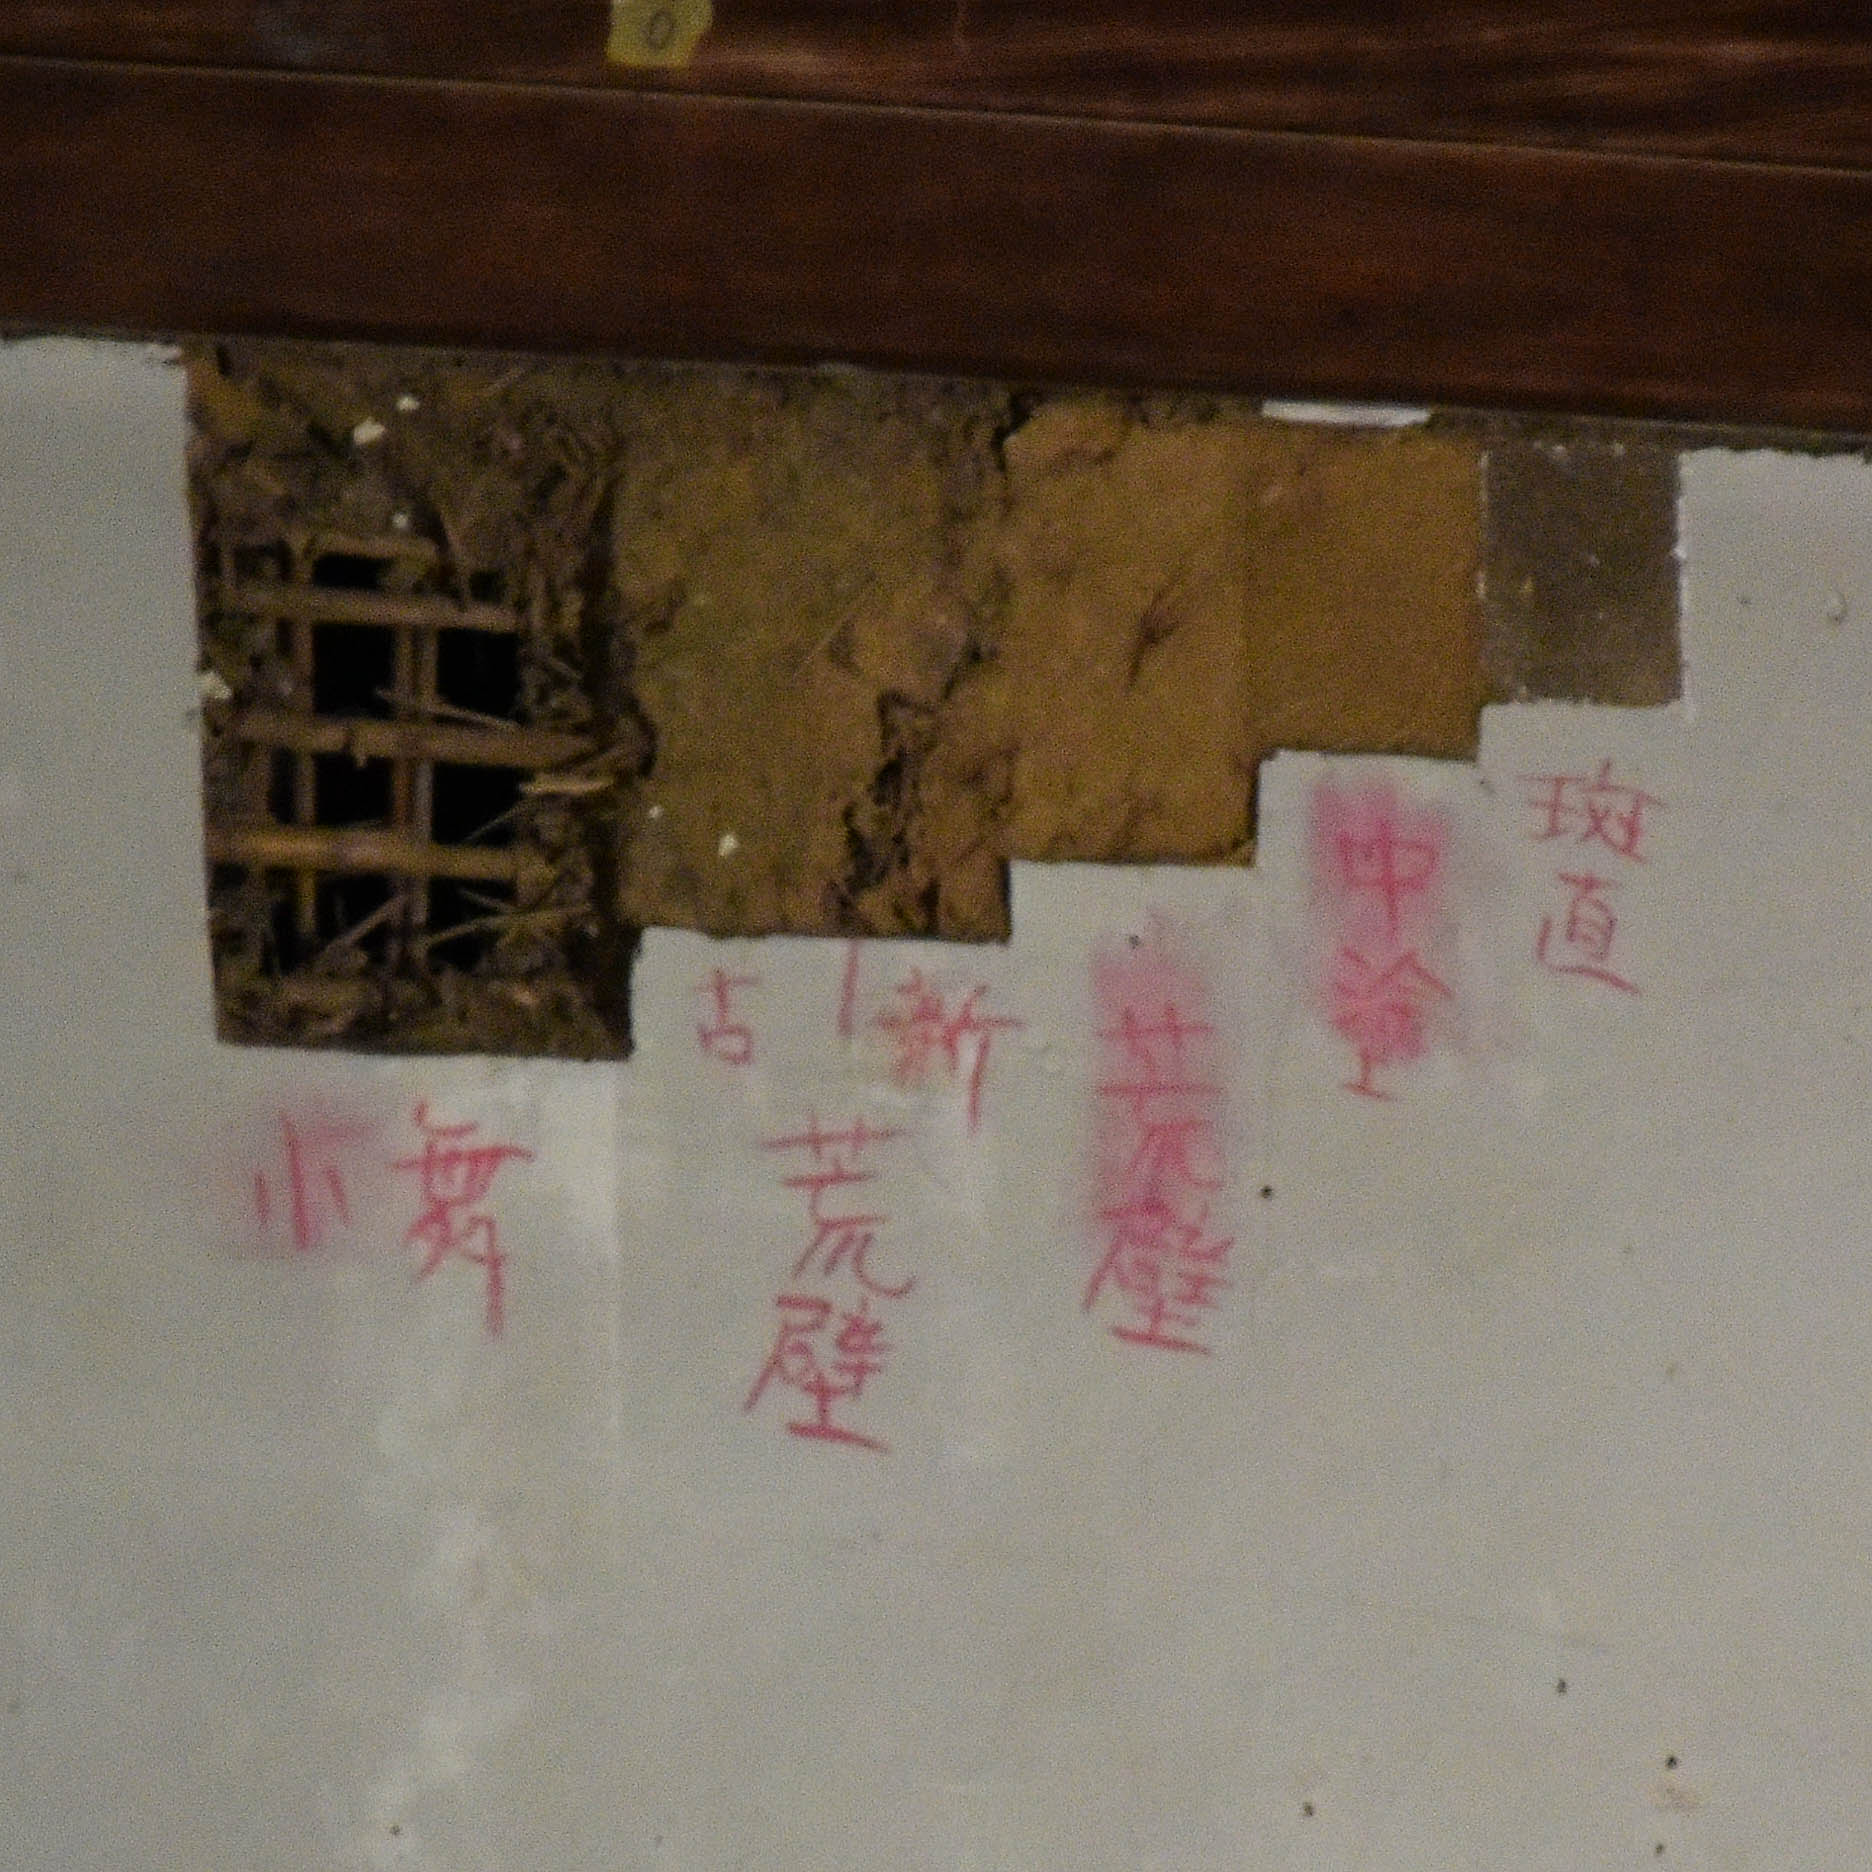 松江城内の擬洋風建築「興雲閣」とモダン建築 01_f0099102_1142436.jpg